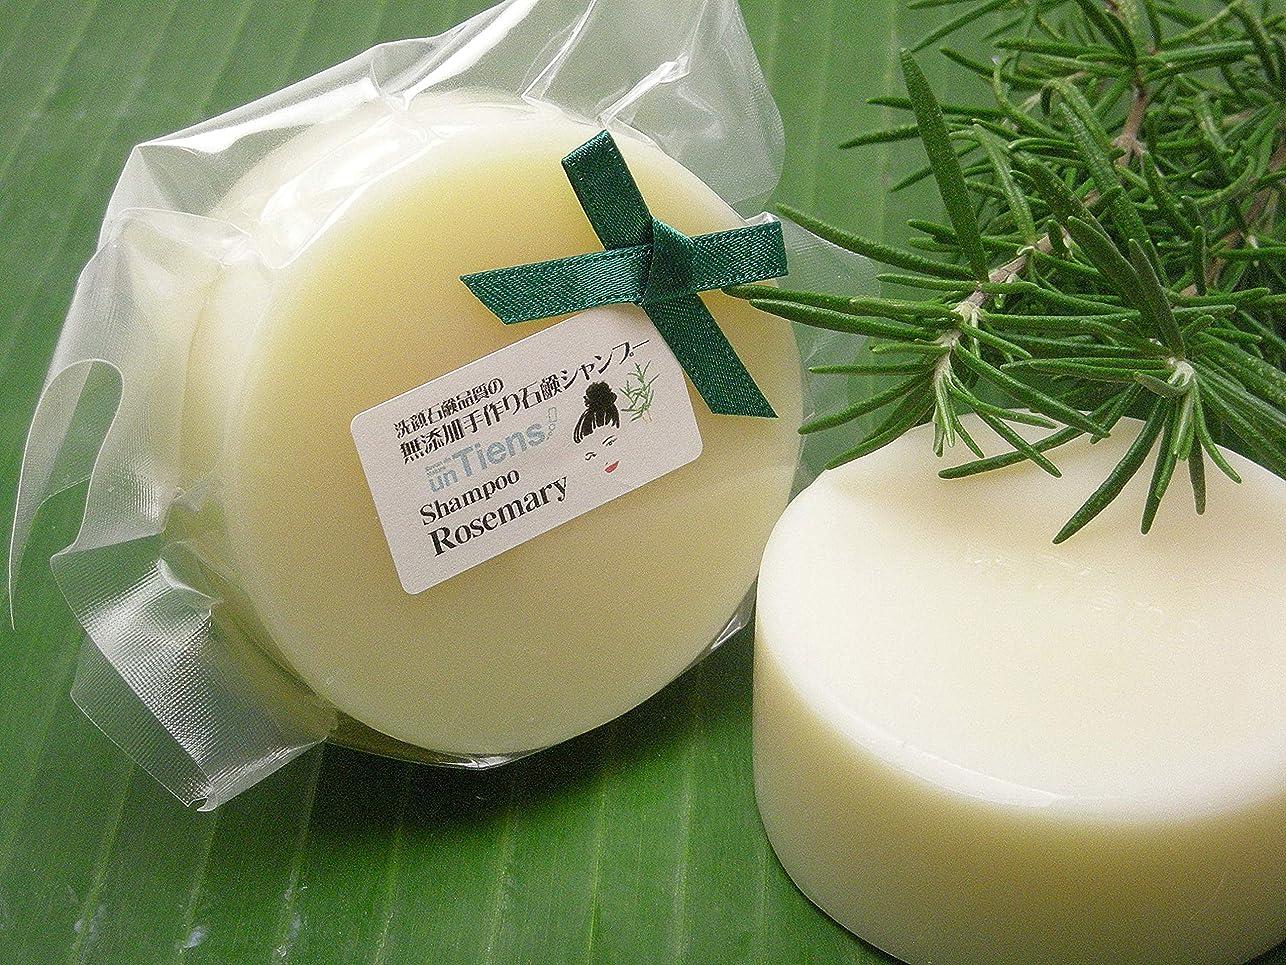 摂動トーストサーフィン洗顔石鹸品質の無添加手作り固形石鹸シャンプー 「ローズマリー」たっぷり使える丸型100g